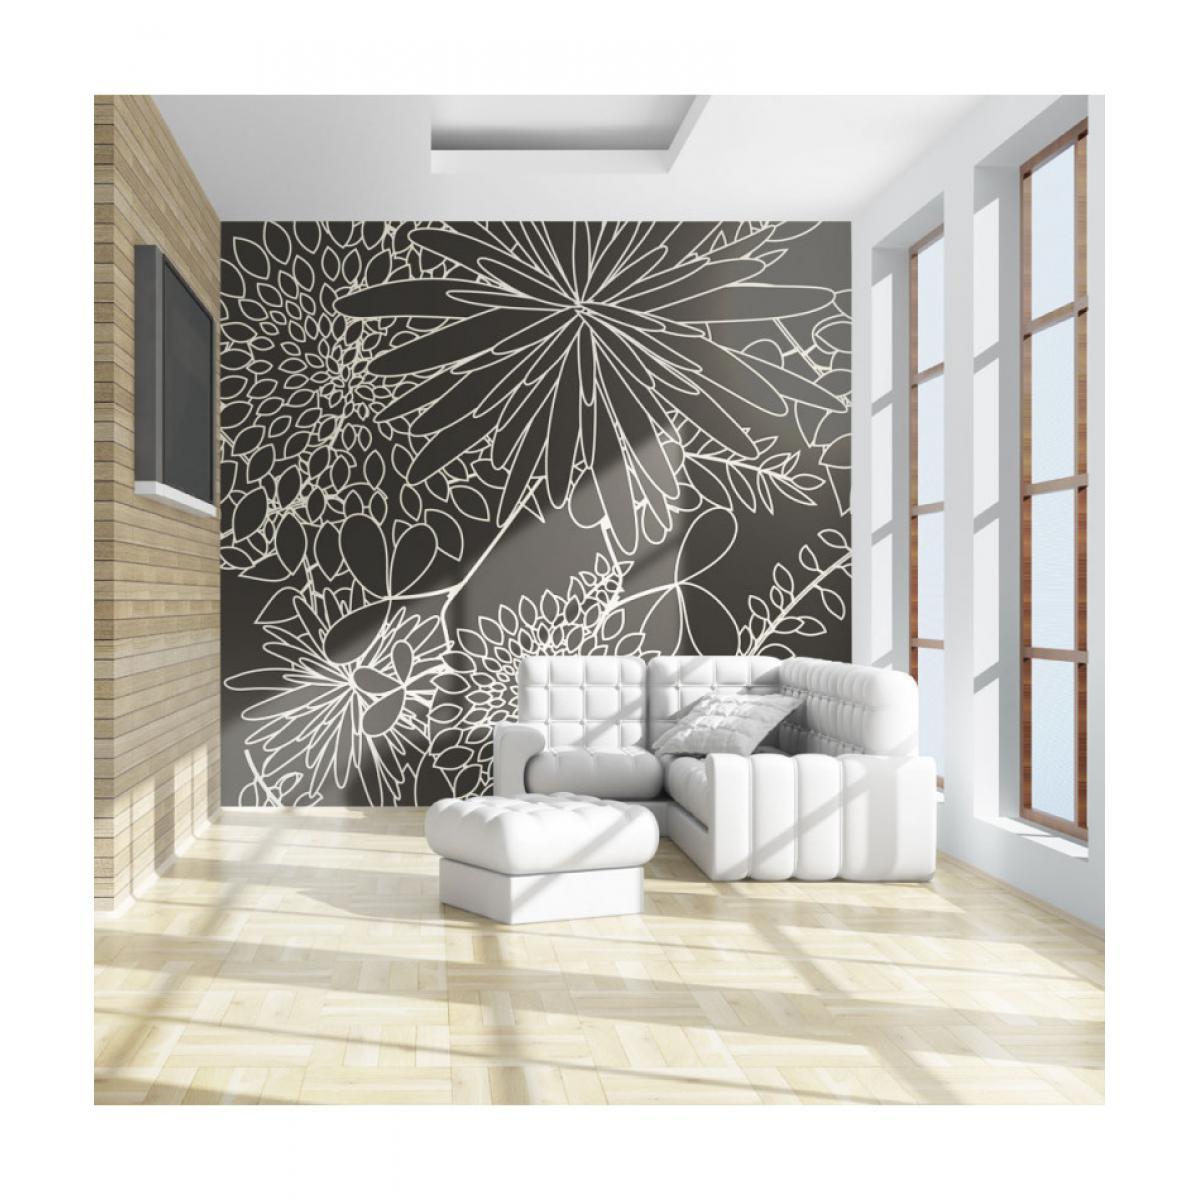 Artgeist Papier peint - Motif floral noir et blanc 200x154